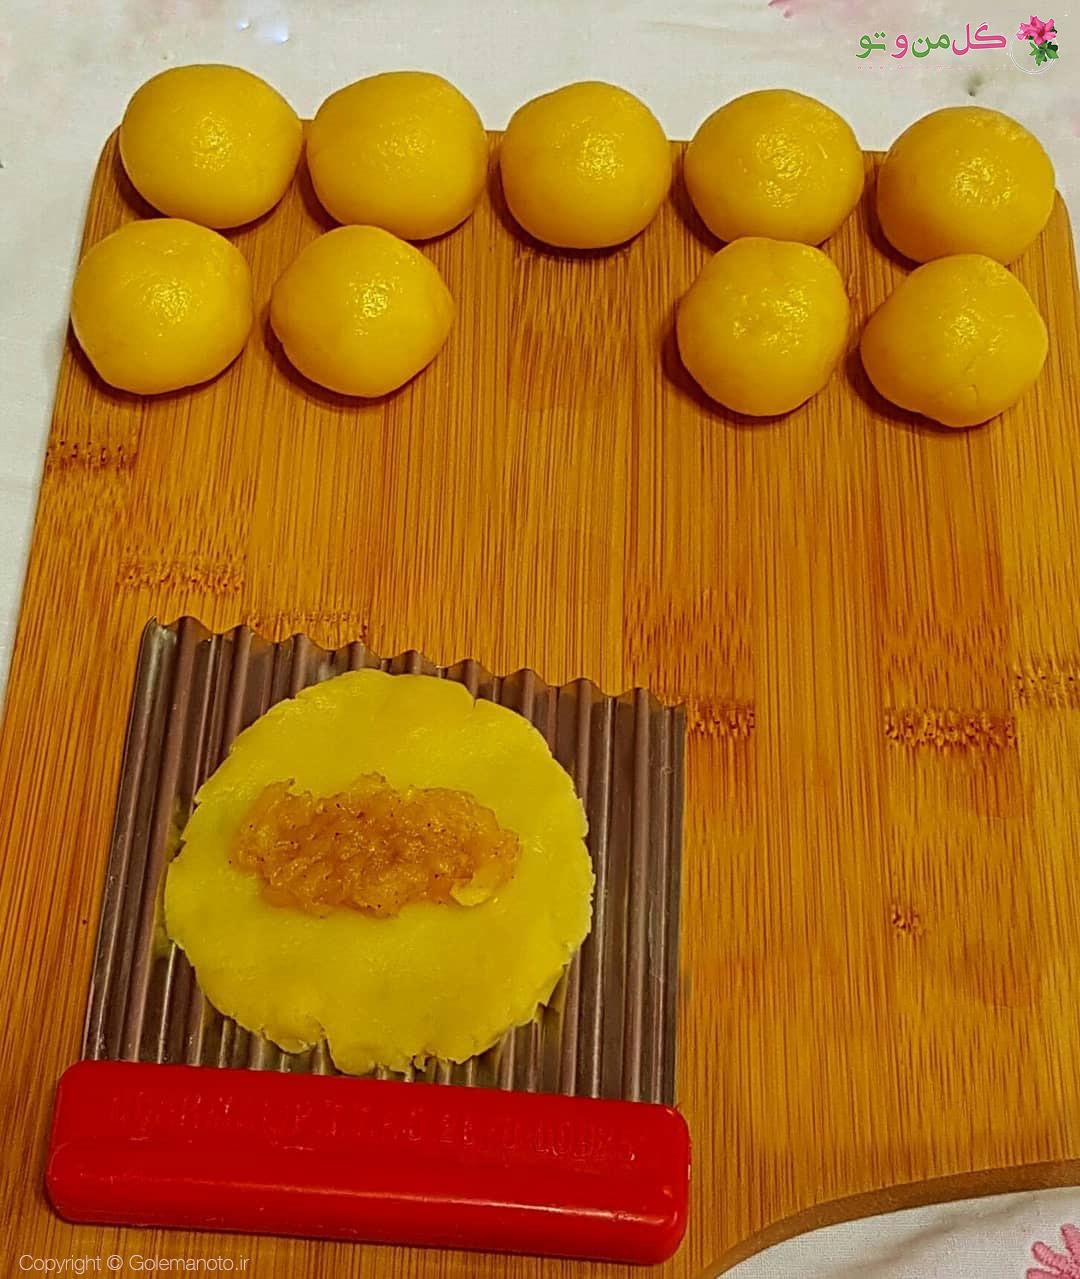 مراحل درست کردن قرابیه سیب